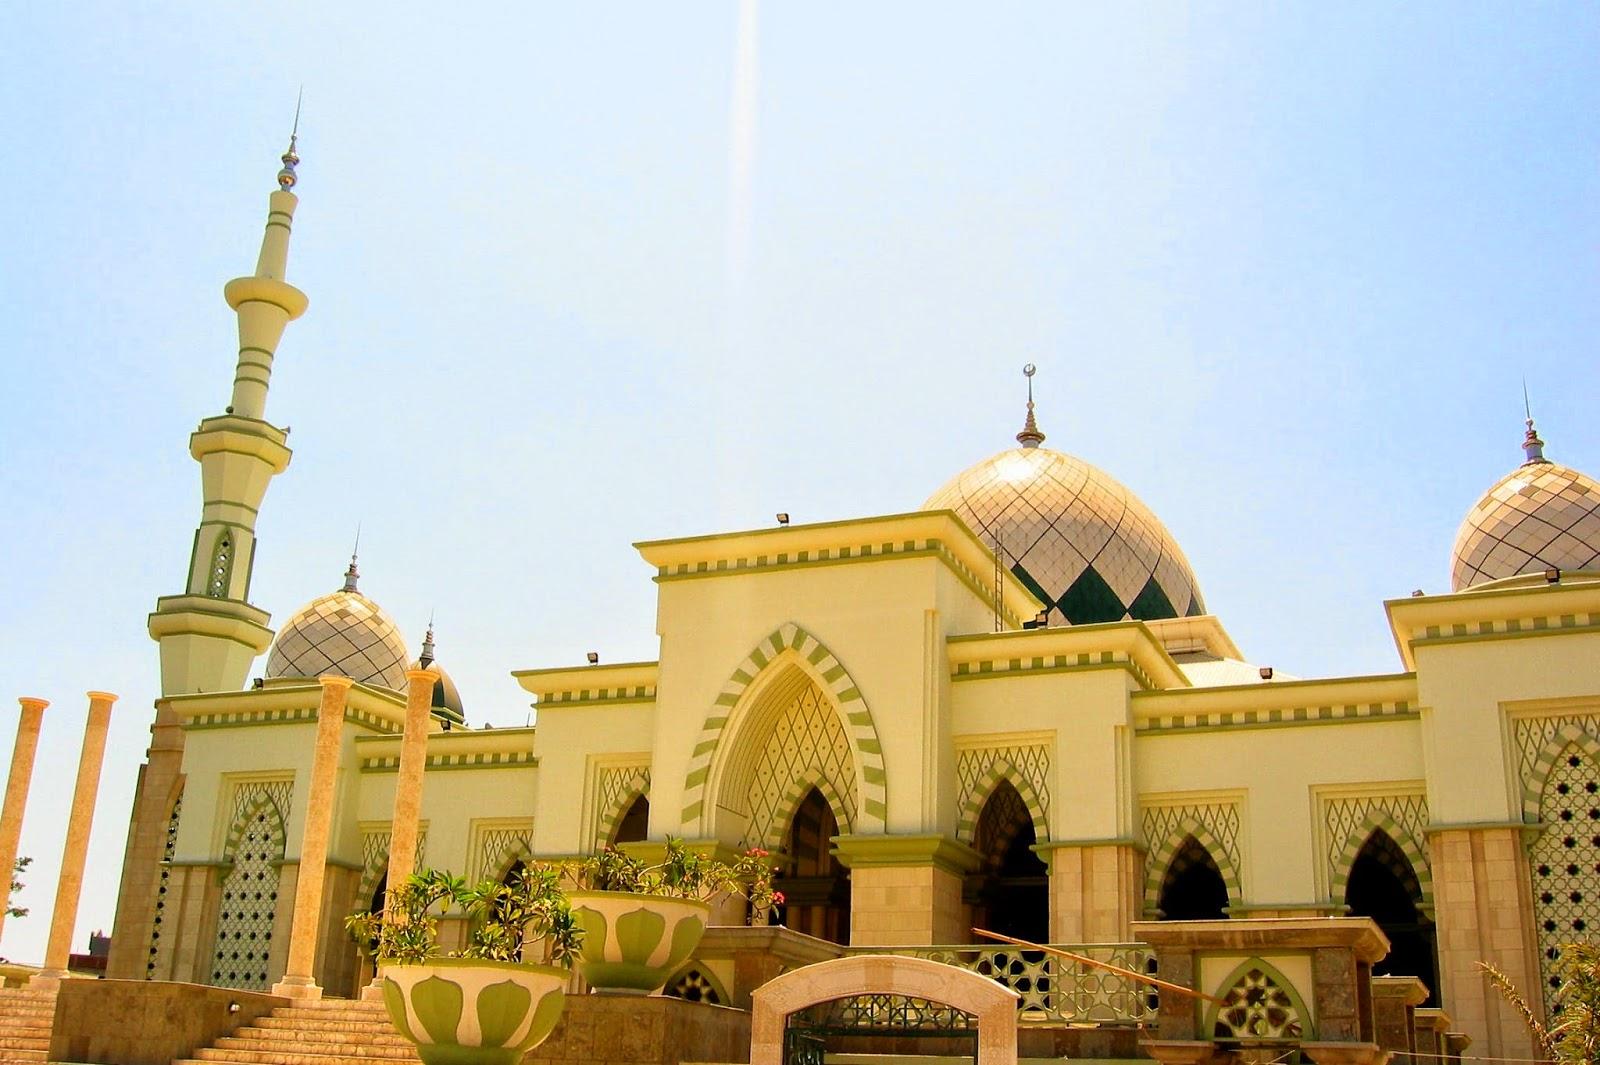 Masjid Raya Makasar - Makasar